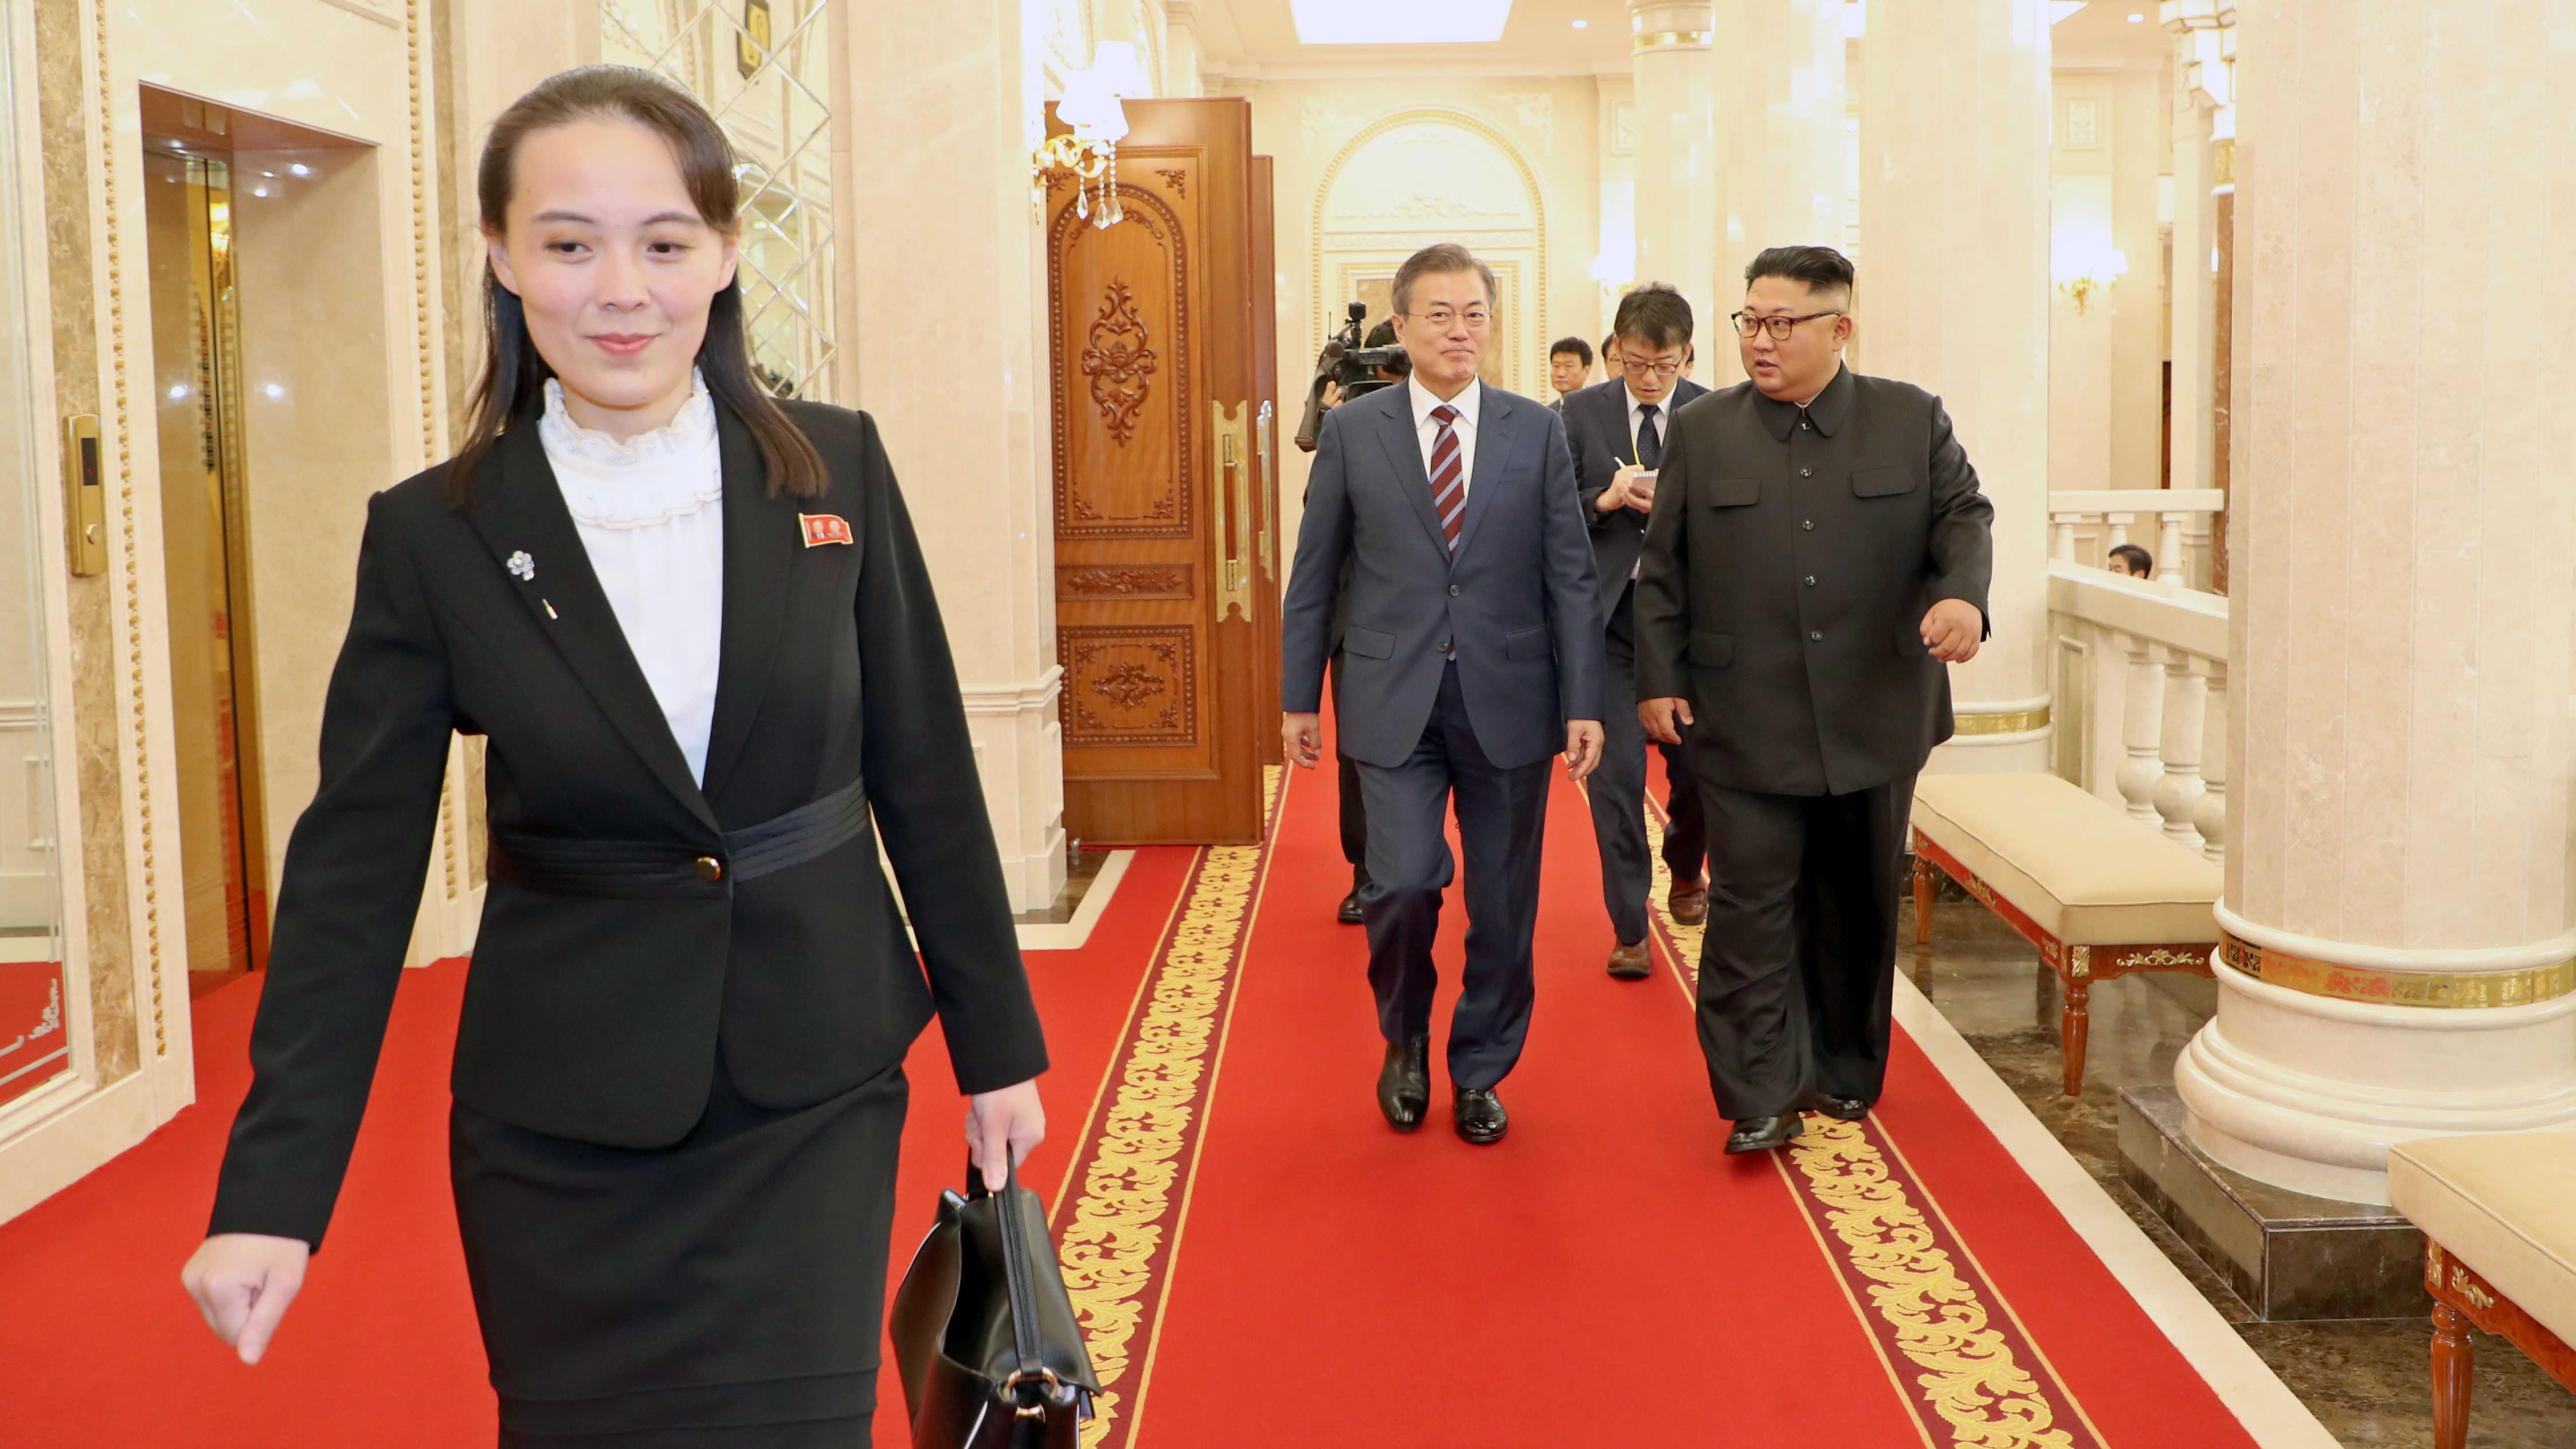 Kim Yo-jong (till vänster) i september 2018 under ett möte mellan Sydkoreas president Moon Jae-in och Nordkoreas ledare Kim Jong-un (båda i bakgrunden) i Pyongyang.